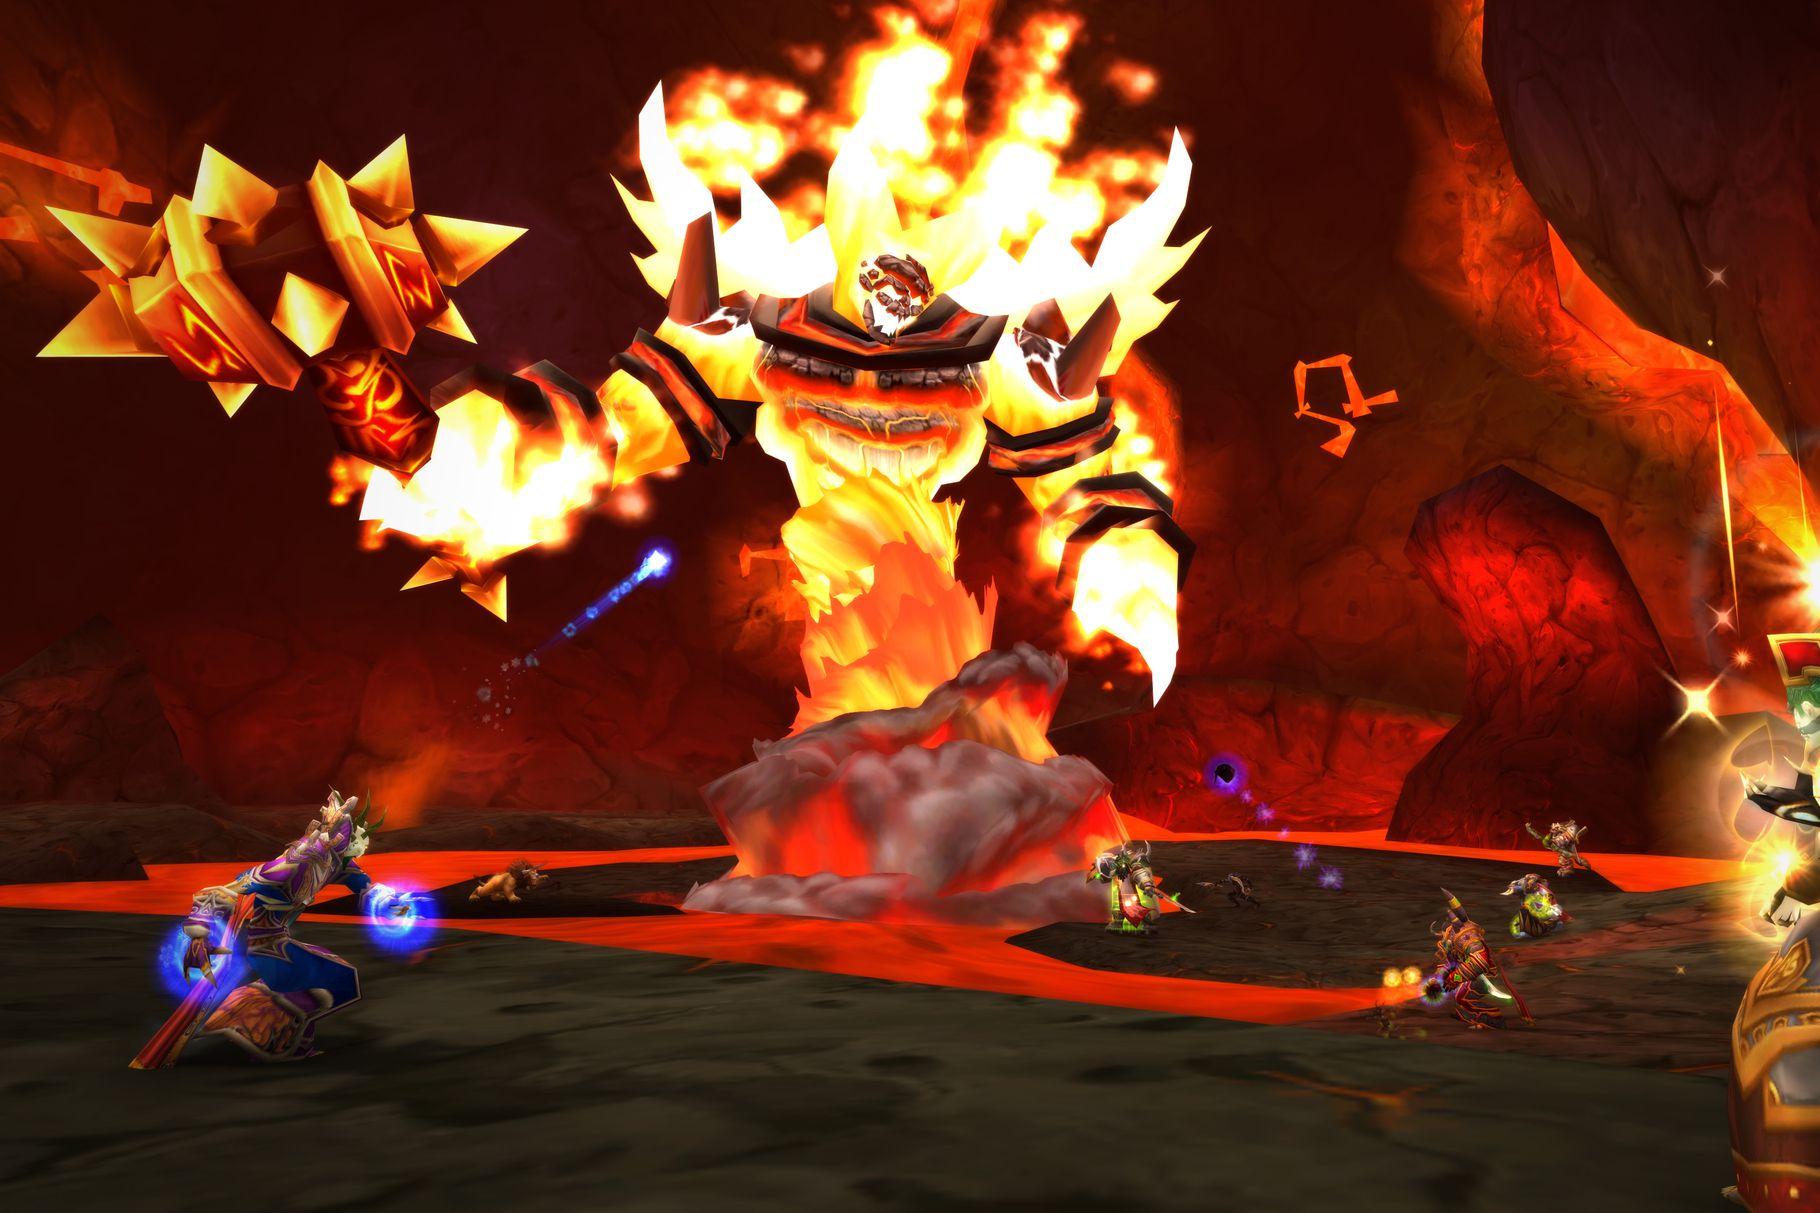 """WoW Classic: World of Warcraft und die Macht der Nostalgie - Feiert in WoW Classic ein feuriges Comeback: Endboss Ragnaros aus dem 40-Spieler-Schlachtzug """"Der Geschmolzene Kern"""". (Bild: Blizzard/Screenshot: Golem.de)"""